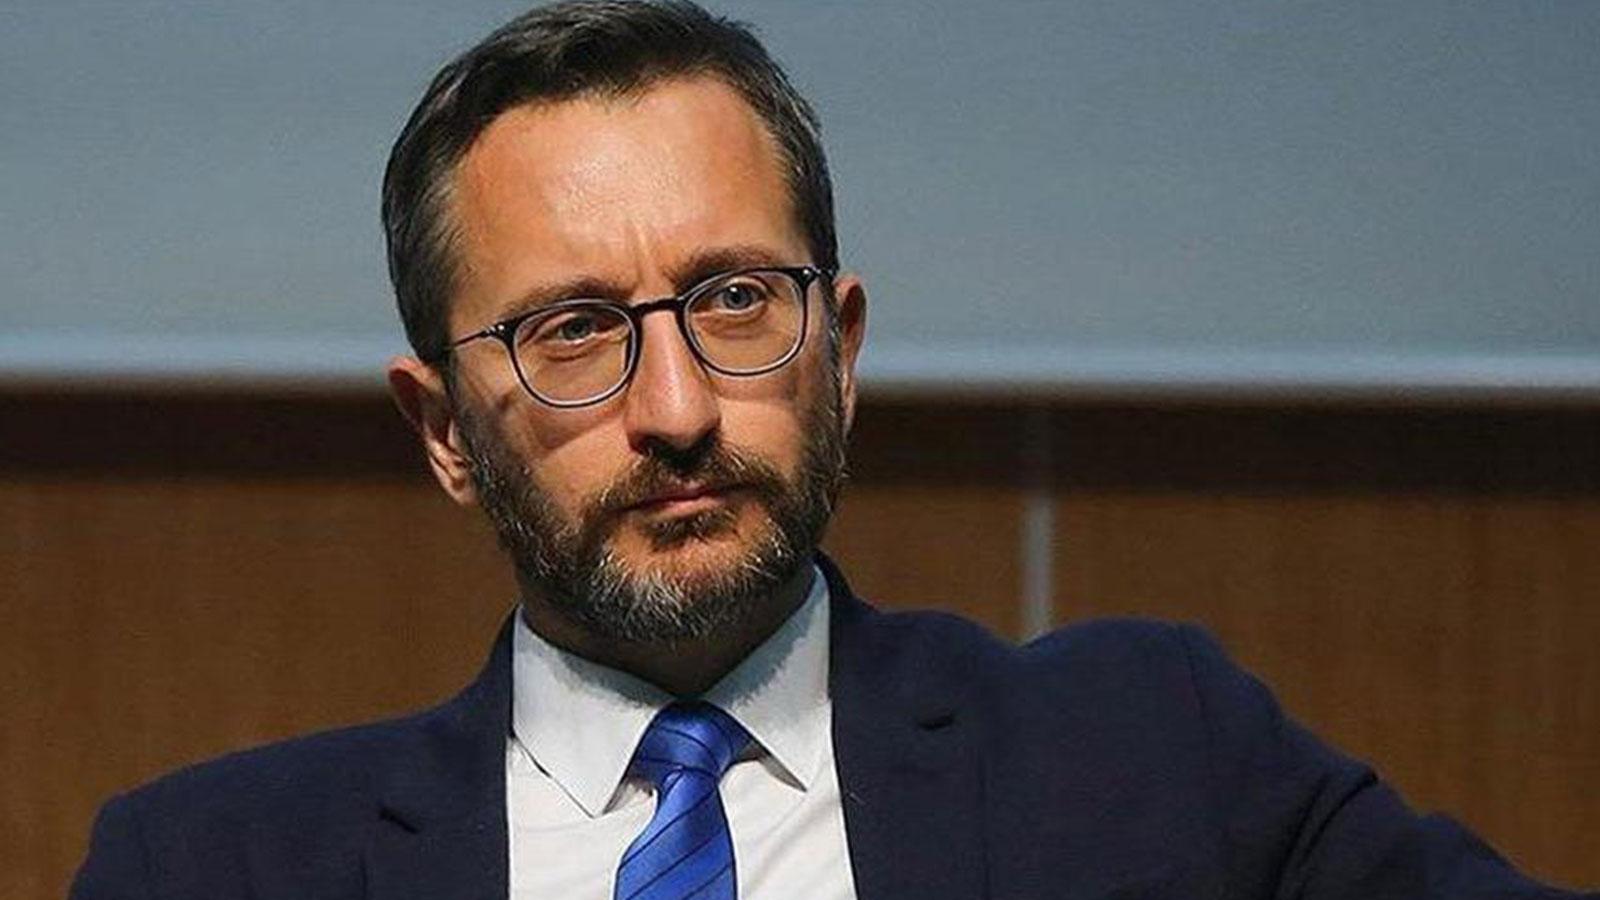 """Fahrettin Altun: """"teröre içerde ve dışarda en sert cevabı vereceğiz"""" dedi"""